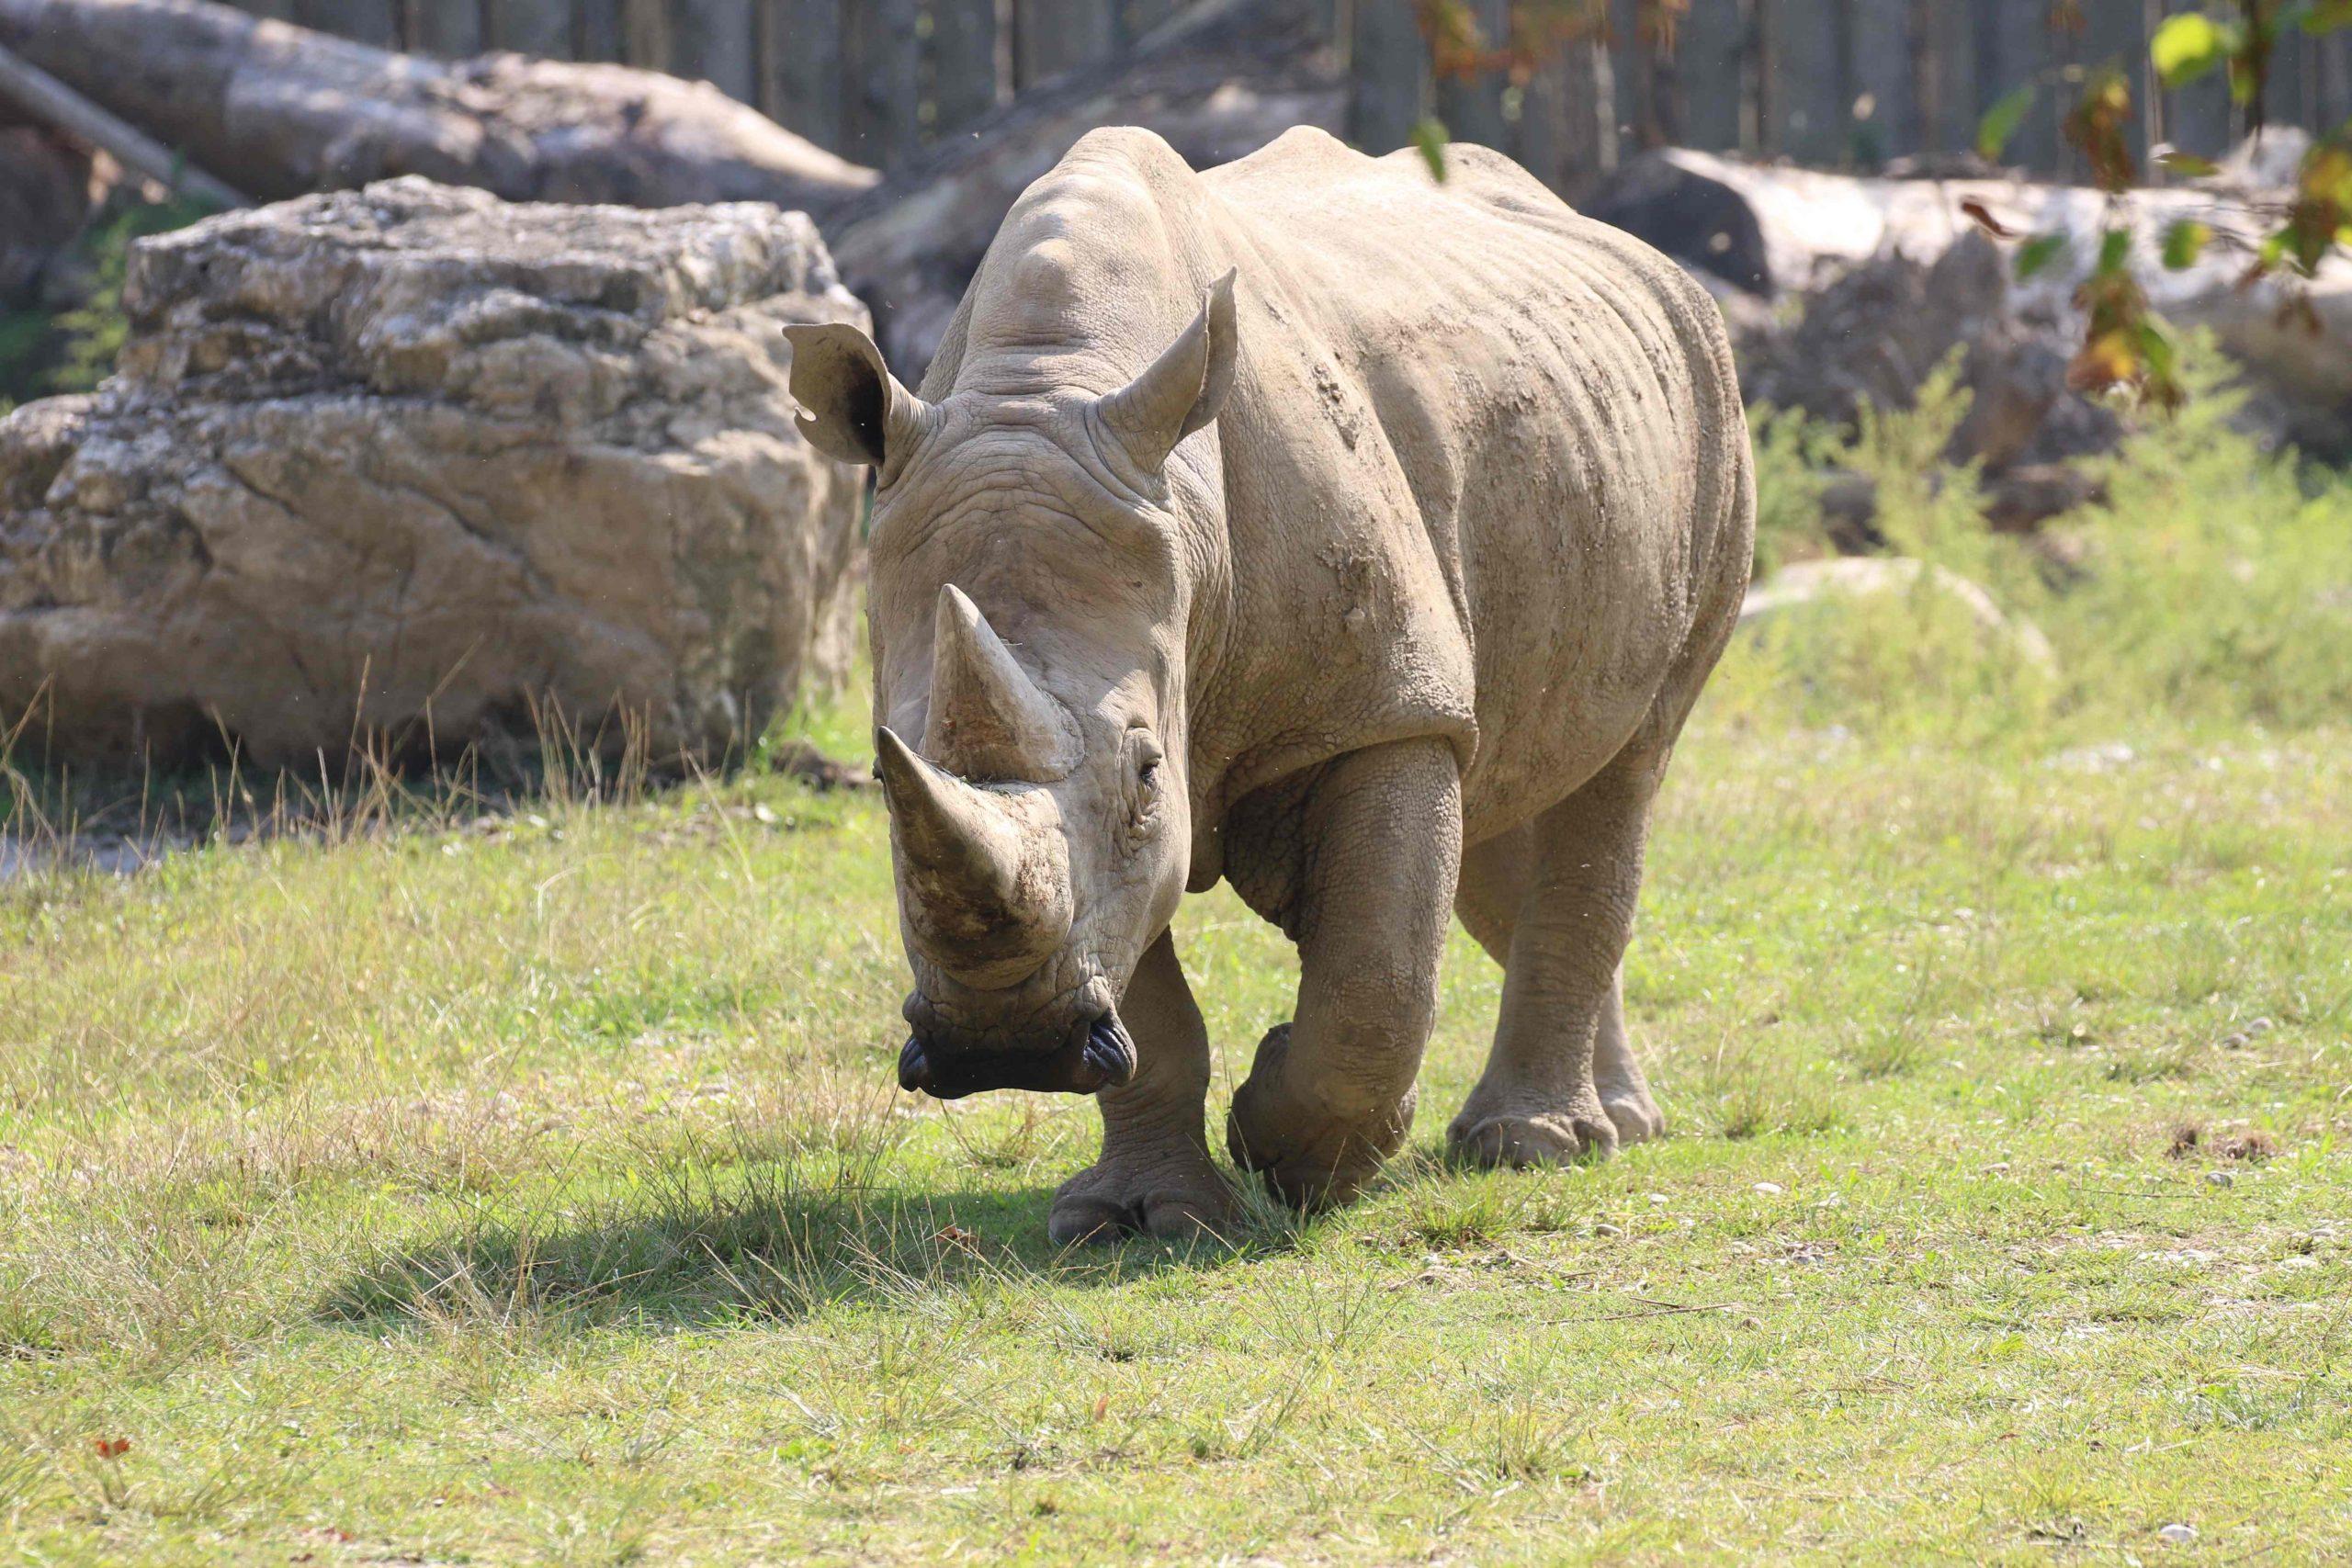 Toby, el rinoceronte blanco más antiguo del mundo, muere;  será embalsamado y exhibido en un museo - Prensa Libre